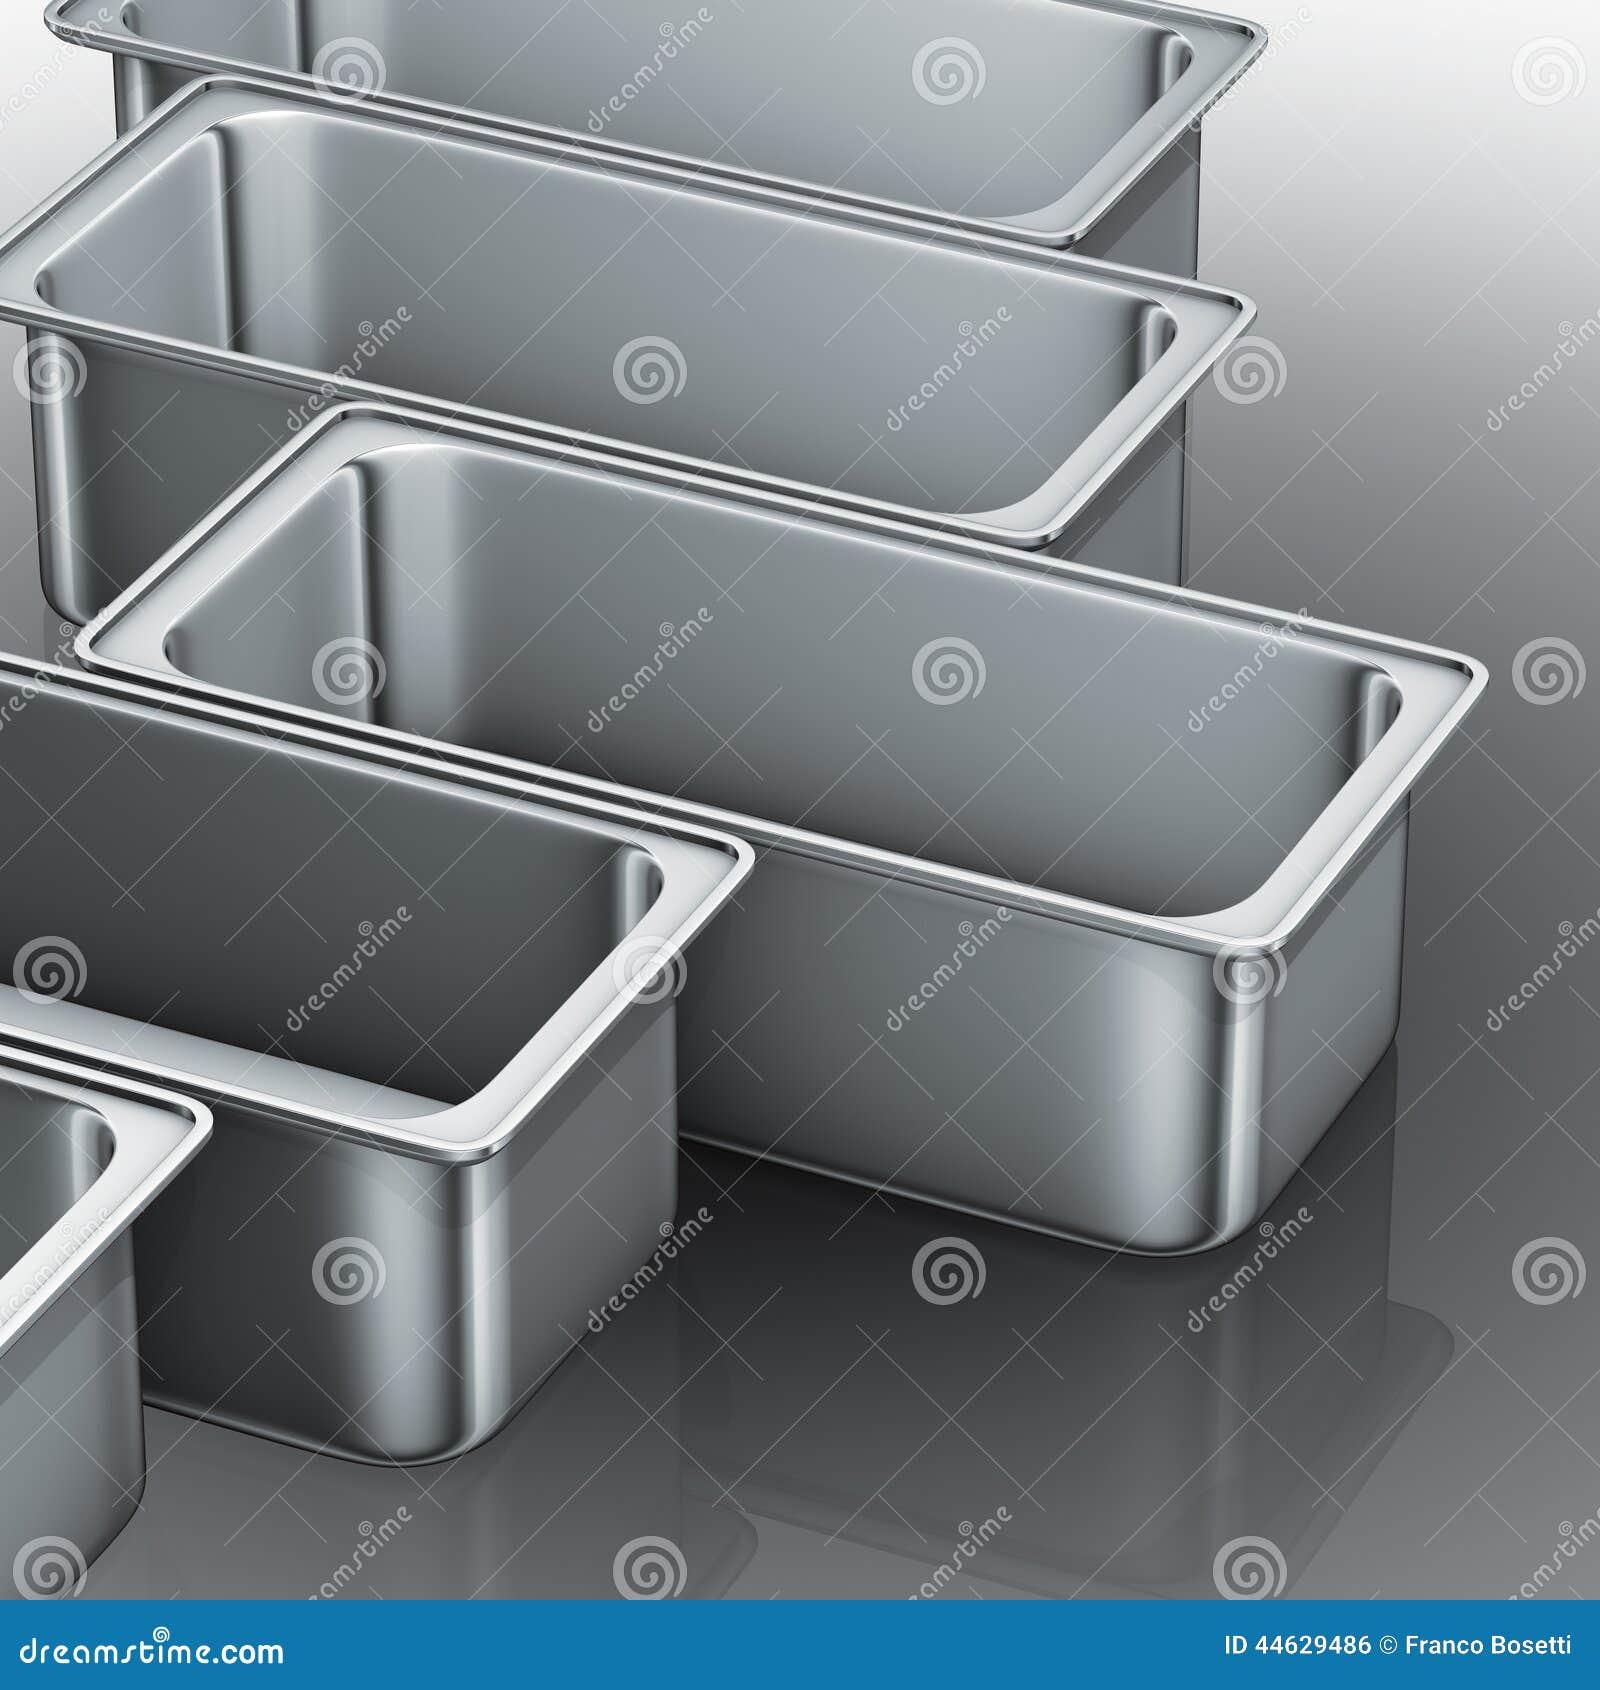 edelstahlbehälter stock abbildung - bild: 44629486 - Edelstahlbehälter Küche